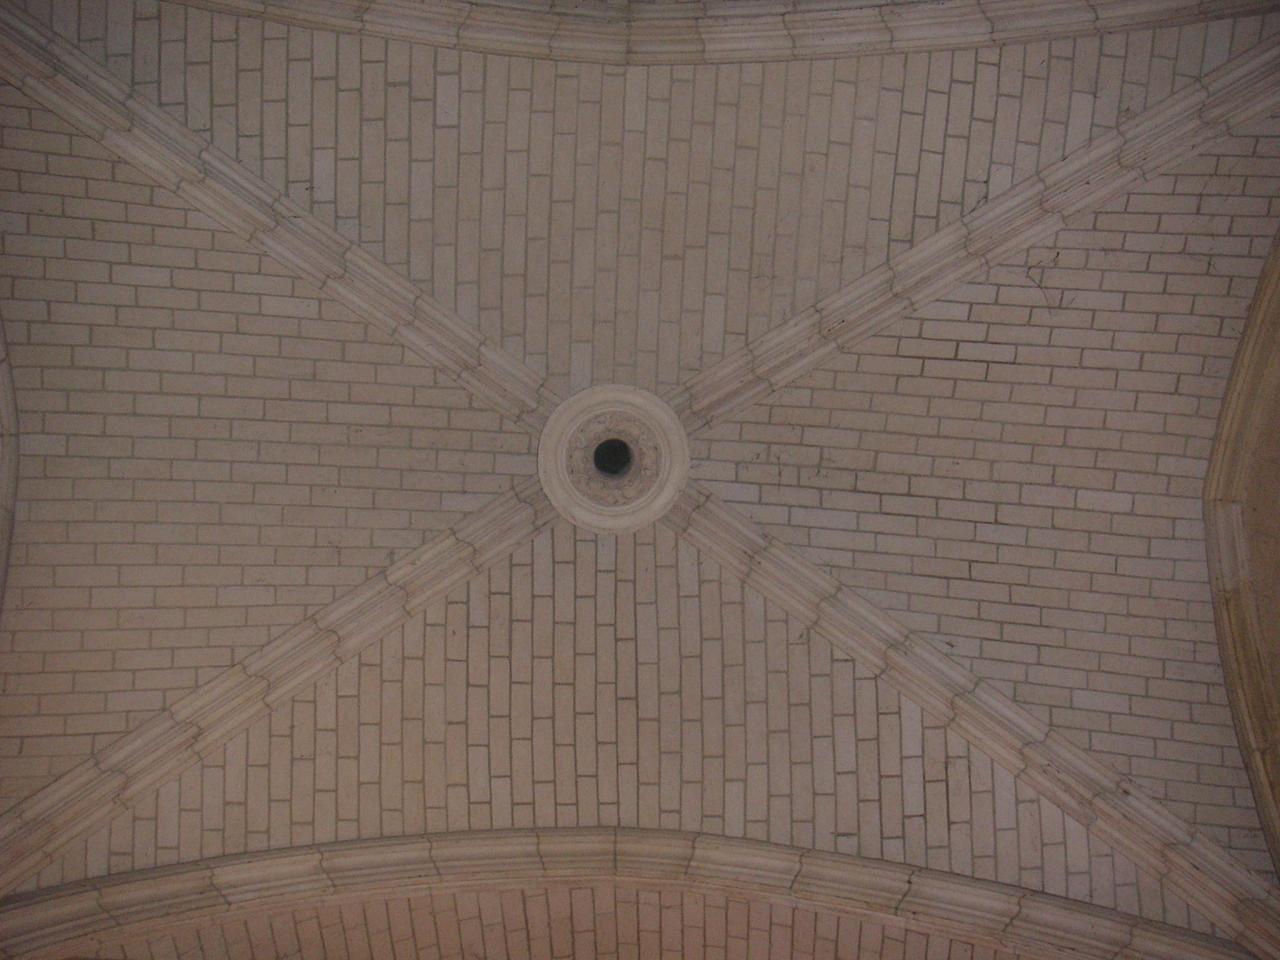 En architecture religieuse, quelle est la principale caractéristique du style gothique par rapport au style roman ?